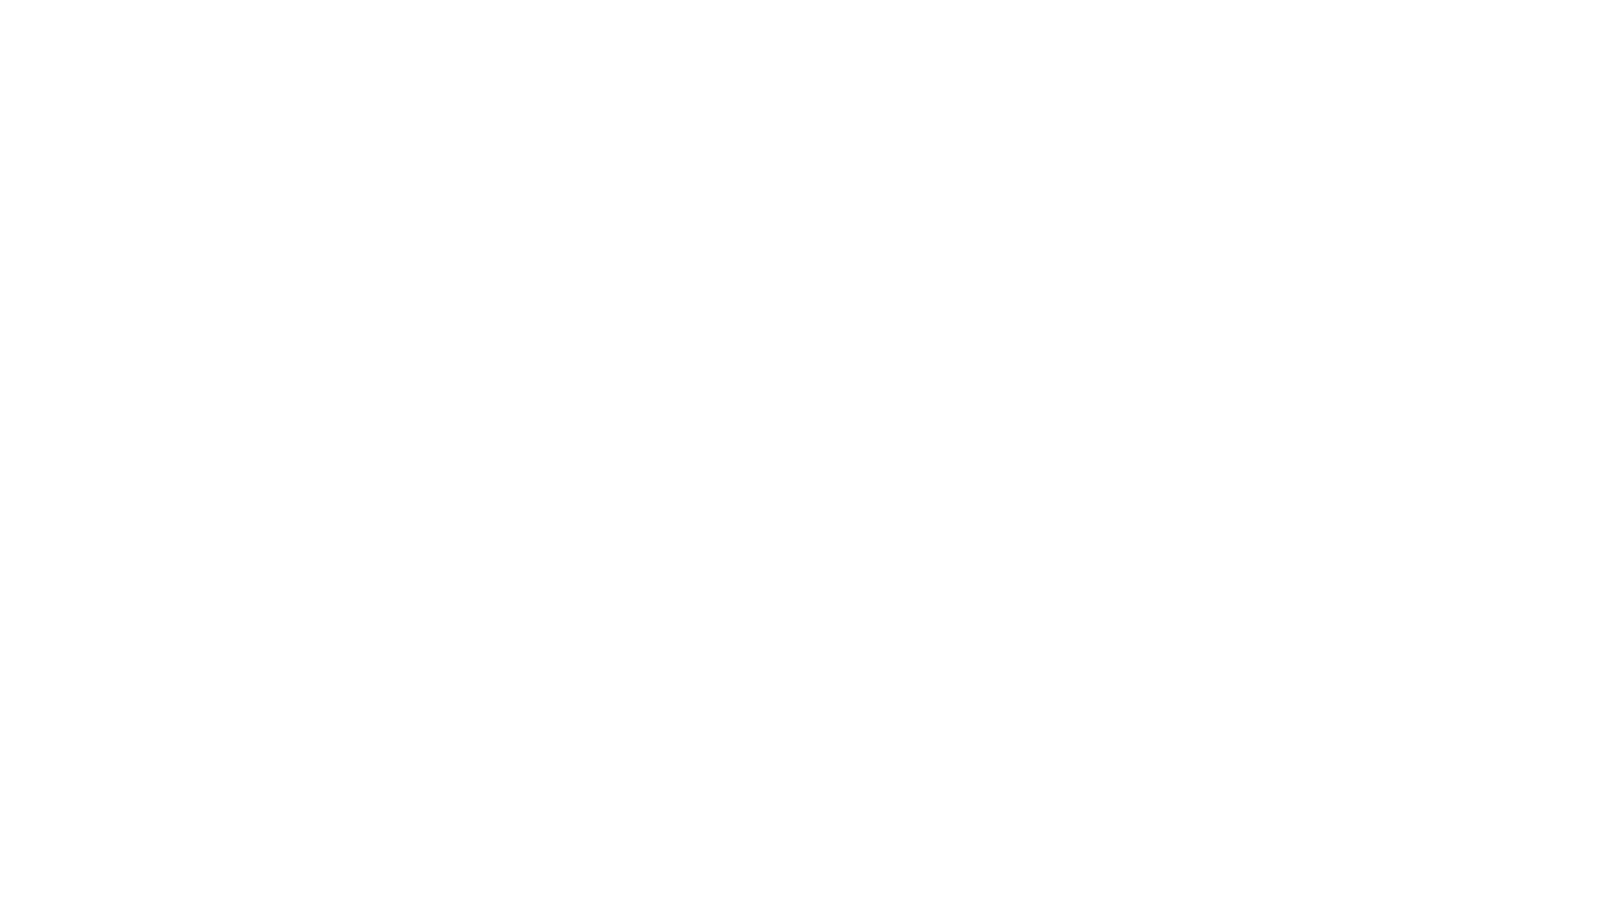 """Tierschutz voranbringen – impulsive Tierkäufe auf dem Fischmarkt beenden  Auf dem Fischmarkt und auf anderen Hamburger Wochenmärkten sollen in Zukunft keine lebenden Tiere mehr verkauft werden. Das hat die Bürgerschaft am 21.04.2021 beschlossen. Die konkrete Umsetzung wird der Senat nun prüfen.  Debatte und anschließender Beschluss in der Hamburgischen Bürgerschaft mit Lisa Maria Otte, Sprecherin für Tierschutz der GRÜNEN Bürgerschaftsfraktion.  Ungekürztes Redeskript:  """"Sehr geehrtes Präsidium, sehr geehrte Kolleginnen und Kollegen!  Im Tierschutz gilt es oft sehr dicke Bretter zu bohren. Es ist ein hartes und schmerzhaftes Ringen um eine neue Landwirtschaft, um eine Wissenschaft ohne Tierversuche, um den Artenschutz. Und oft können wir hier in der Bürgerschaft kaum etwas ausrichten, wenn Zuständigkeiten im Bund, bei der EU oder auf internationaler Ebene liegen.  Manchmal kann es aber auch so leicht sein, einen Unterschied zu machen, wenn Tiere hier mitten in unserer Stadt vor unserer eigenen Nase unnötig leiden müssen. Und das werden wir heute gemeinsam tun. Lassen Sie uns den Verkauf von lebenden Tieren auf unseren Wochenmärkten abschaffen - insbesondere auf dem Fischmarkt. Und ich danke Stephan Jersch für sein Engagement. Er hat ja recht.   Der Hamburger Fischmarkt ist kein Ort für Tiere. Wir alle kennen und lieben ihn, genau weil der Fischmarkt bunt, laut und trubelig ist. Er ist der Klassiker nach einer durchzechten Nacht auf der Reeperbahn. Die Party geht hier direkt weiter und natürlich spielt da auch Alkohol eine Rolle.   Ist das die richtige Umgebung, um sich für ein Haustier zu entscheiden? Gibt es hier die Ruhe und die Zeit, Kaninchen, Meerschweinchen oder Hühner etwas kennen zu lernen, sich beraten zu lassen und einen Eindruck davon zu bekommen, ob das Tier gesund ist und sich artgemäß verhält? Nein, selbstverständlich nicht!   Wie soll im dicht gedrängten Treiben der richtige Umgang mit den Tieren vermittelt werden? Hier verstößt alles gegen die Grundb"""